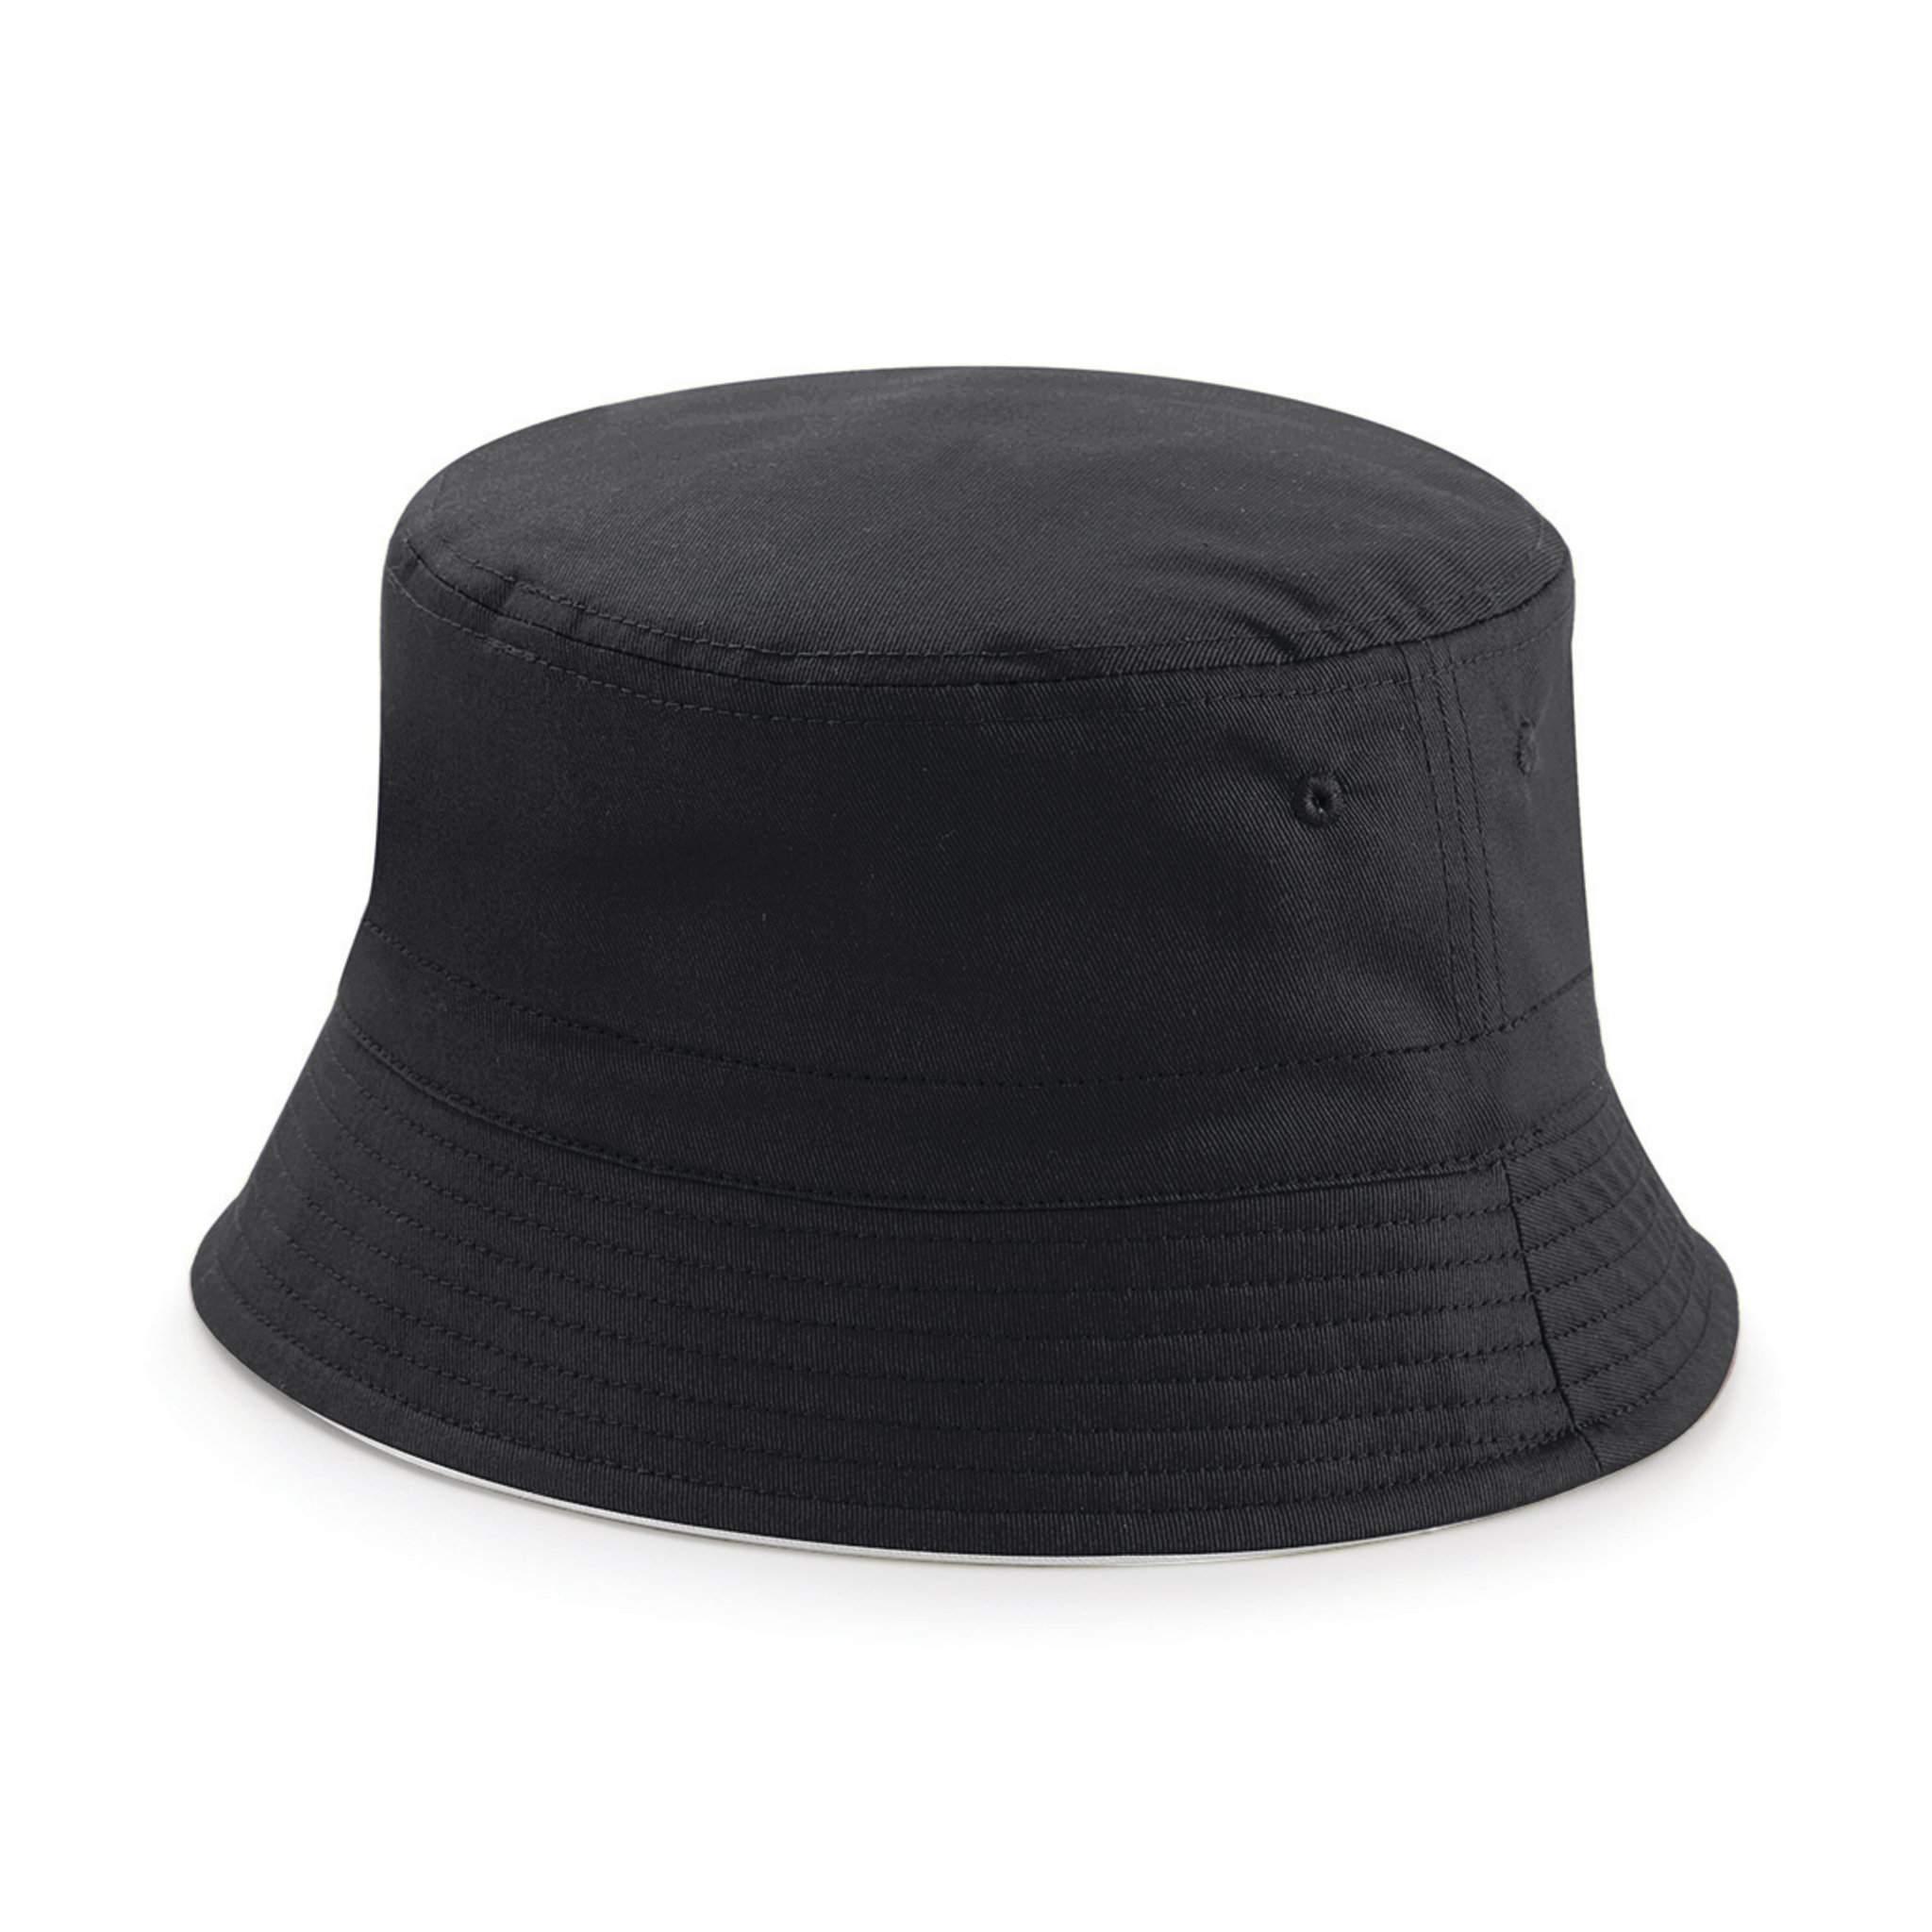 Chapeau publicitaire Bucket - chapeau personnalisable noir/gris clair